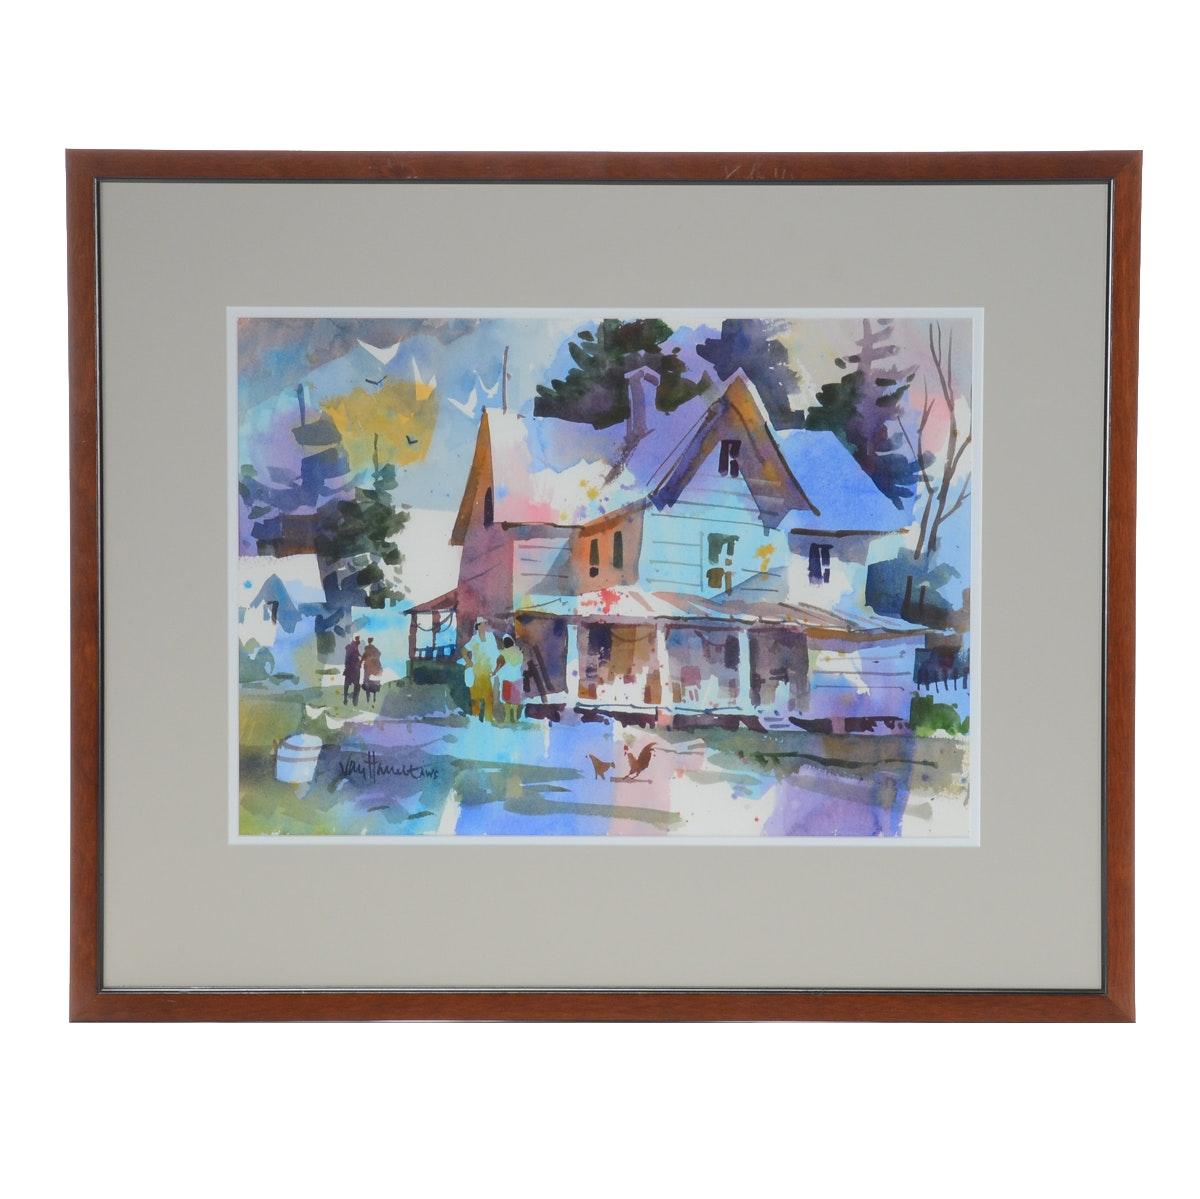 Tony Van Hasselt Original Watercolor of a Farm